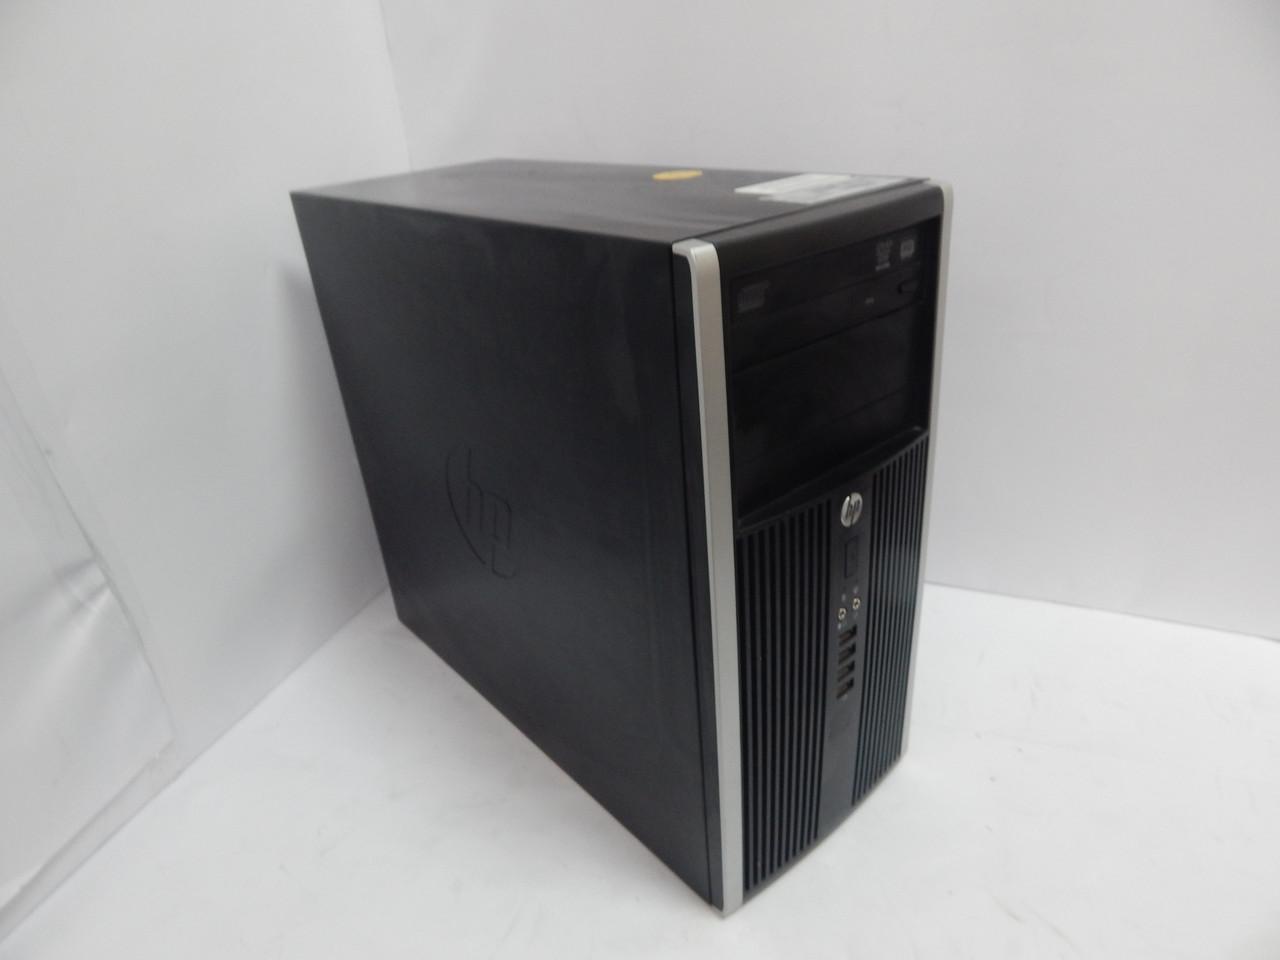 4-ох ядерний системний блок, комп'ютер XEON 8 ГБ DDR3 диск 500 ГБ